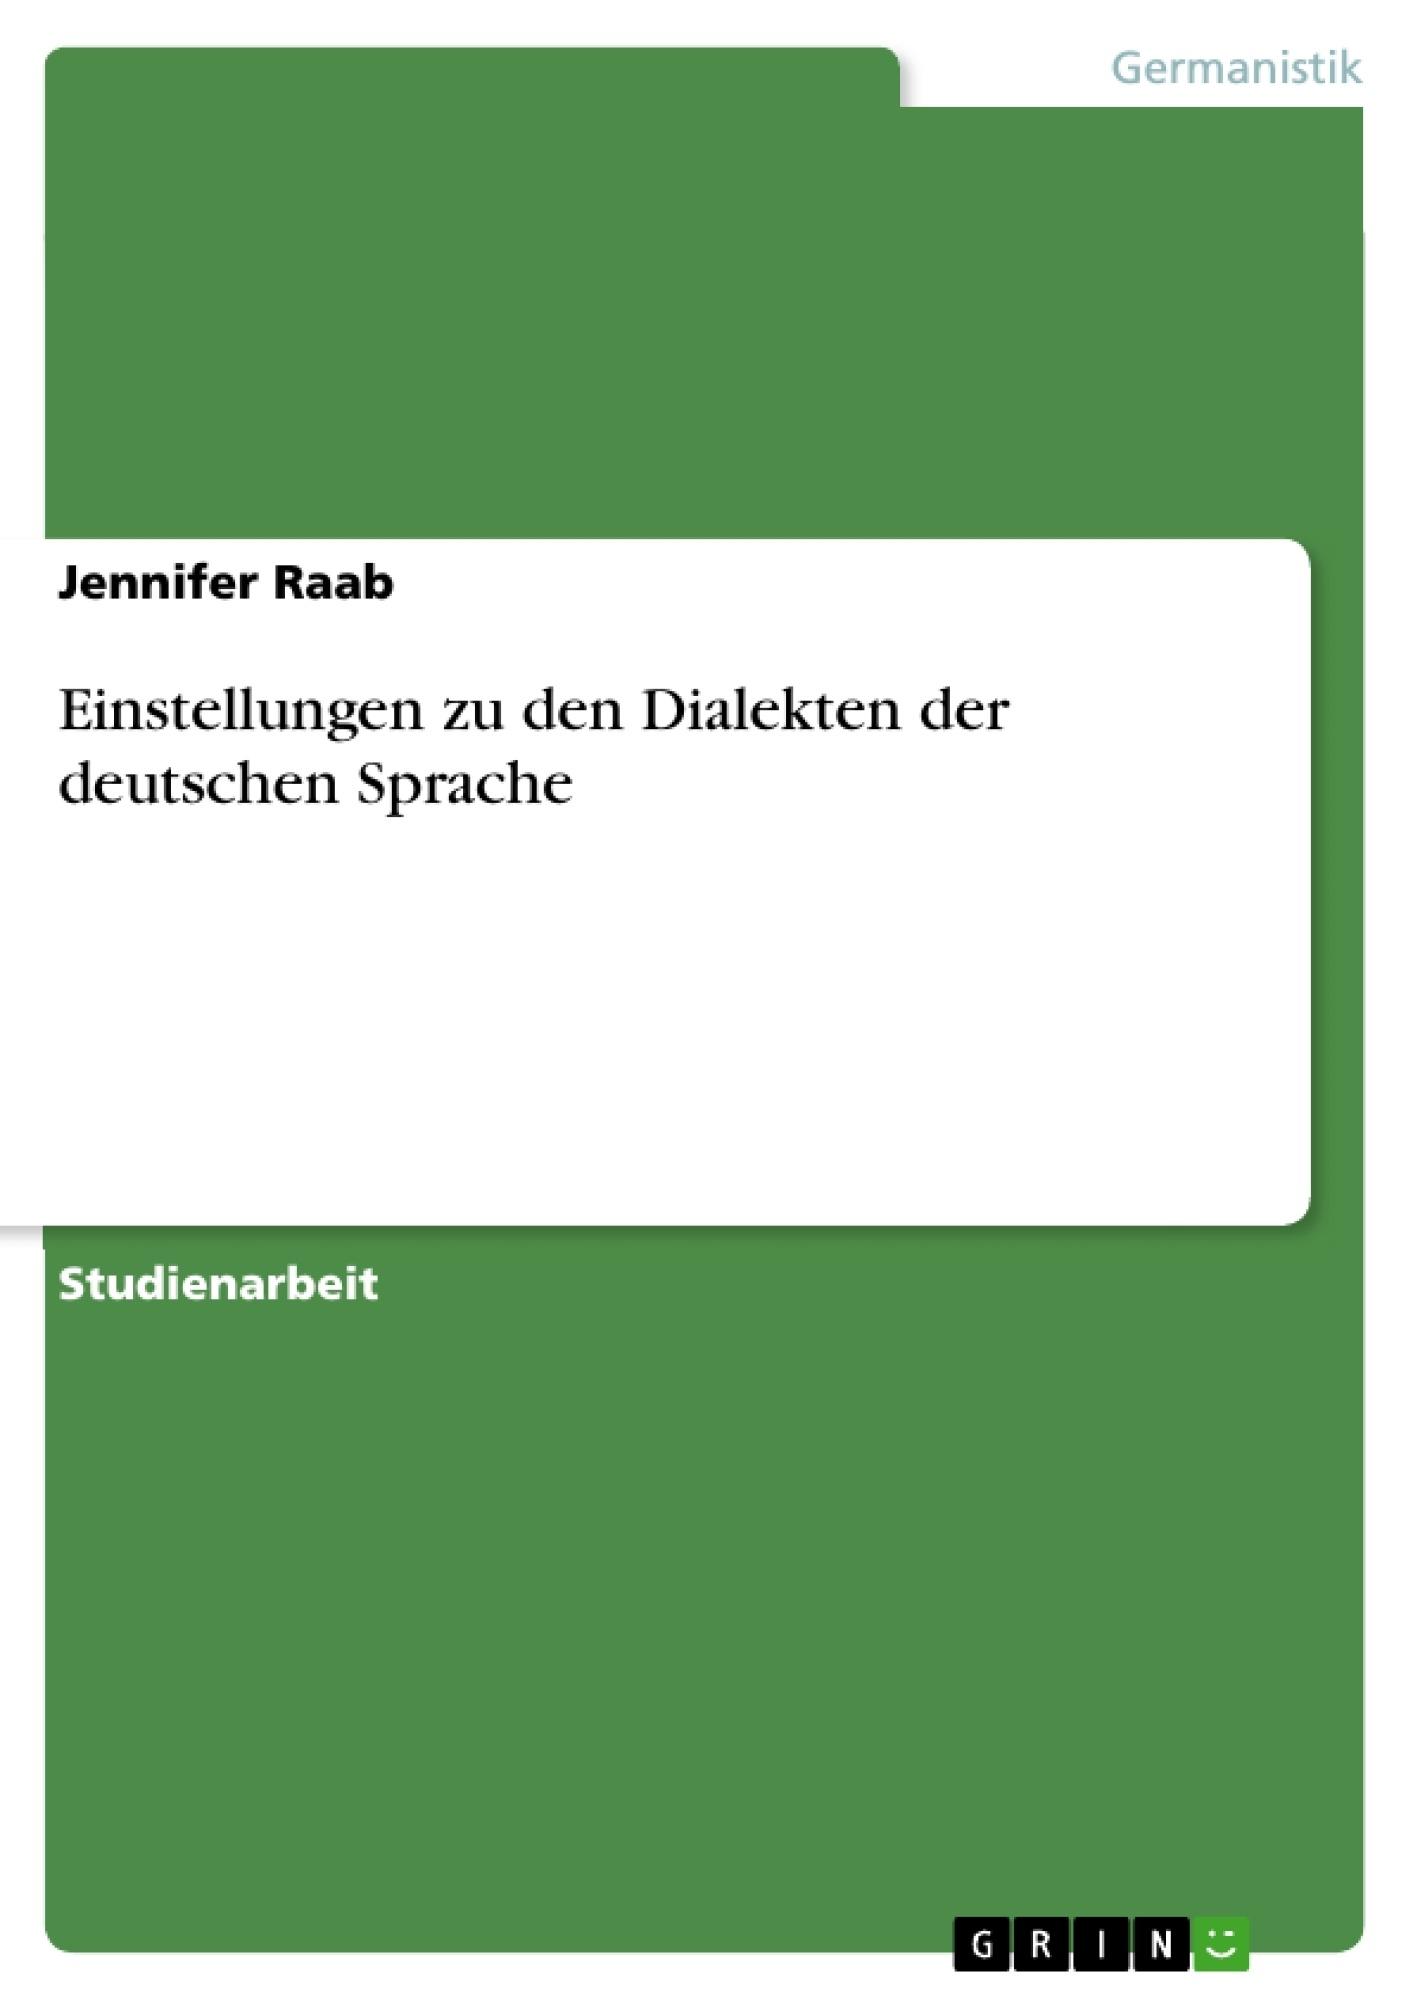 Titel: Einstellungen zu den Dialekten  der deutschen Sprache